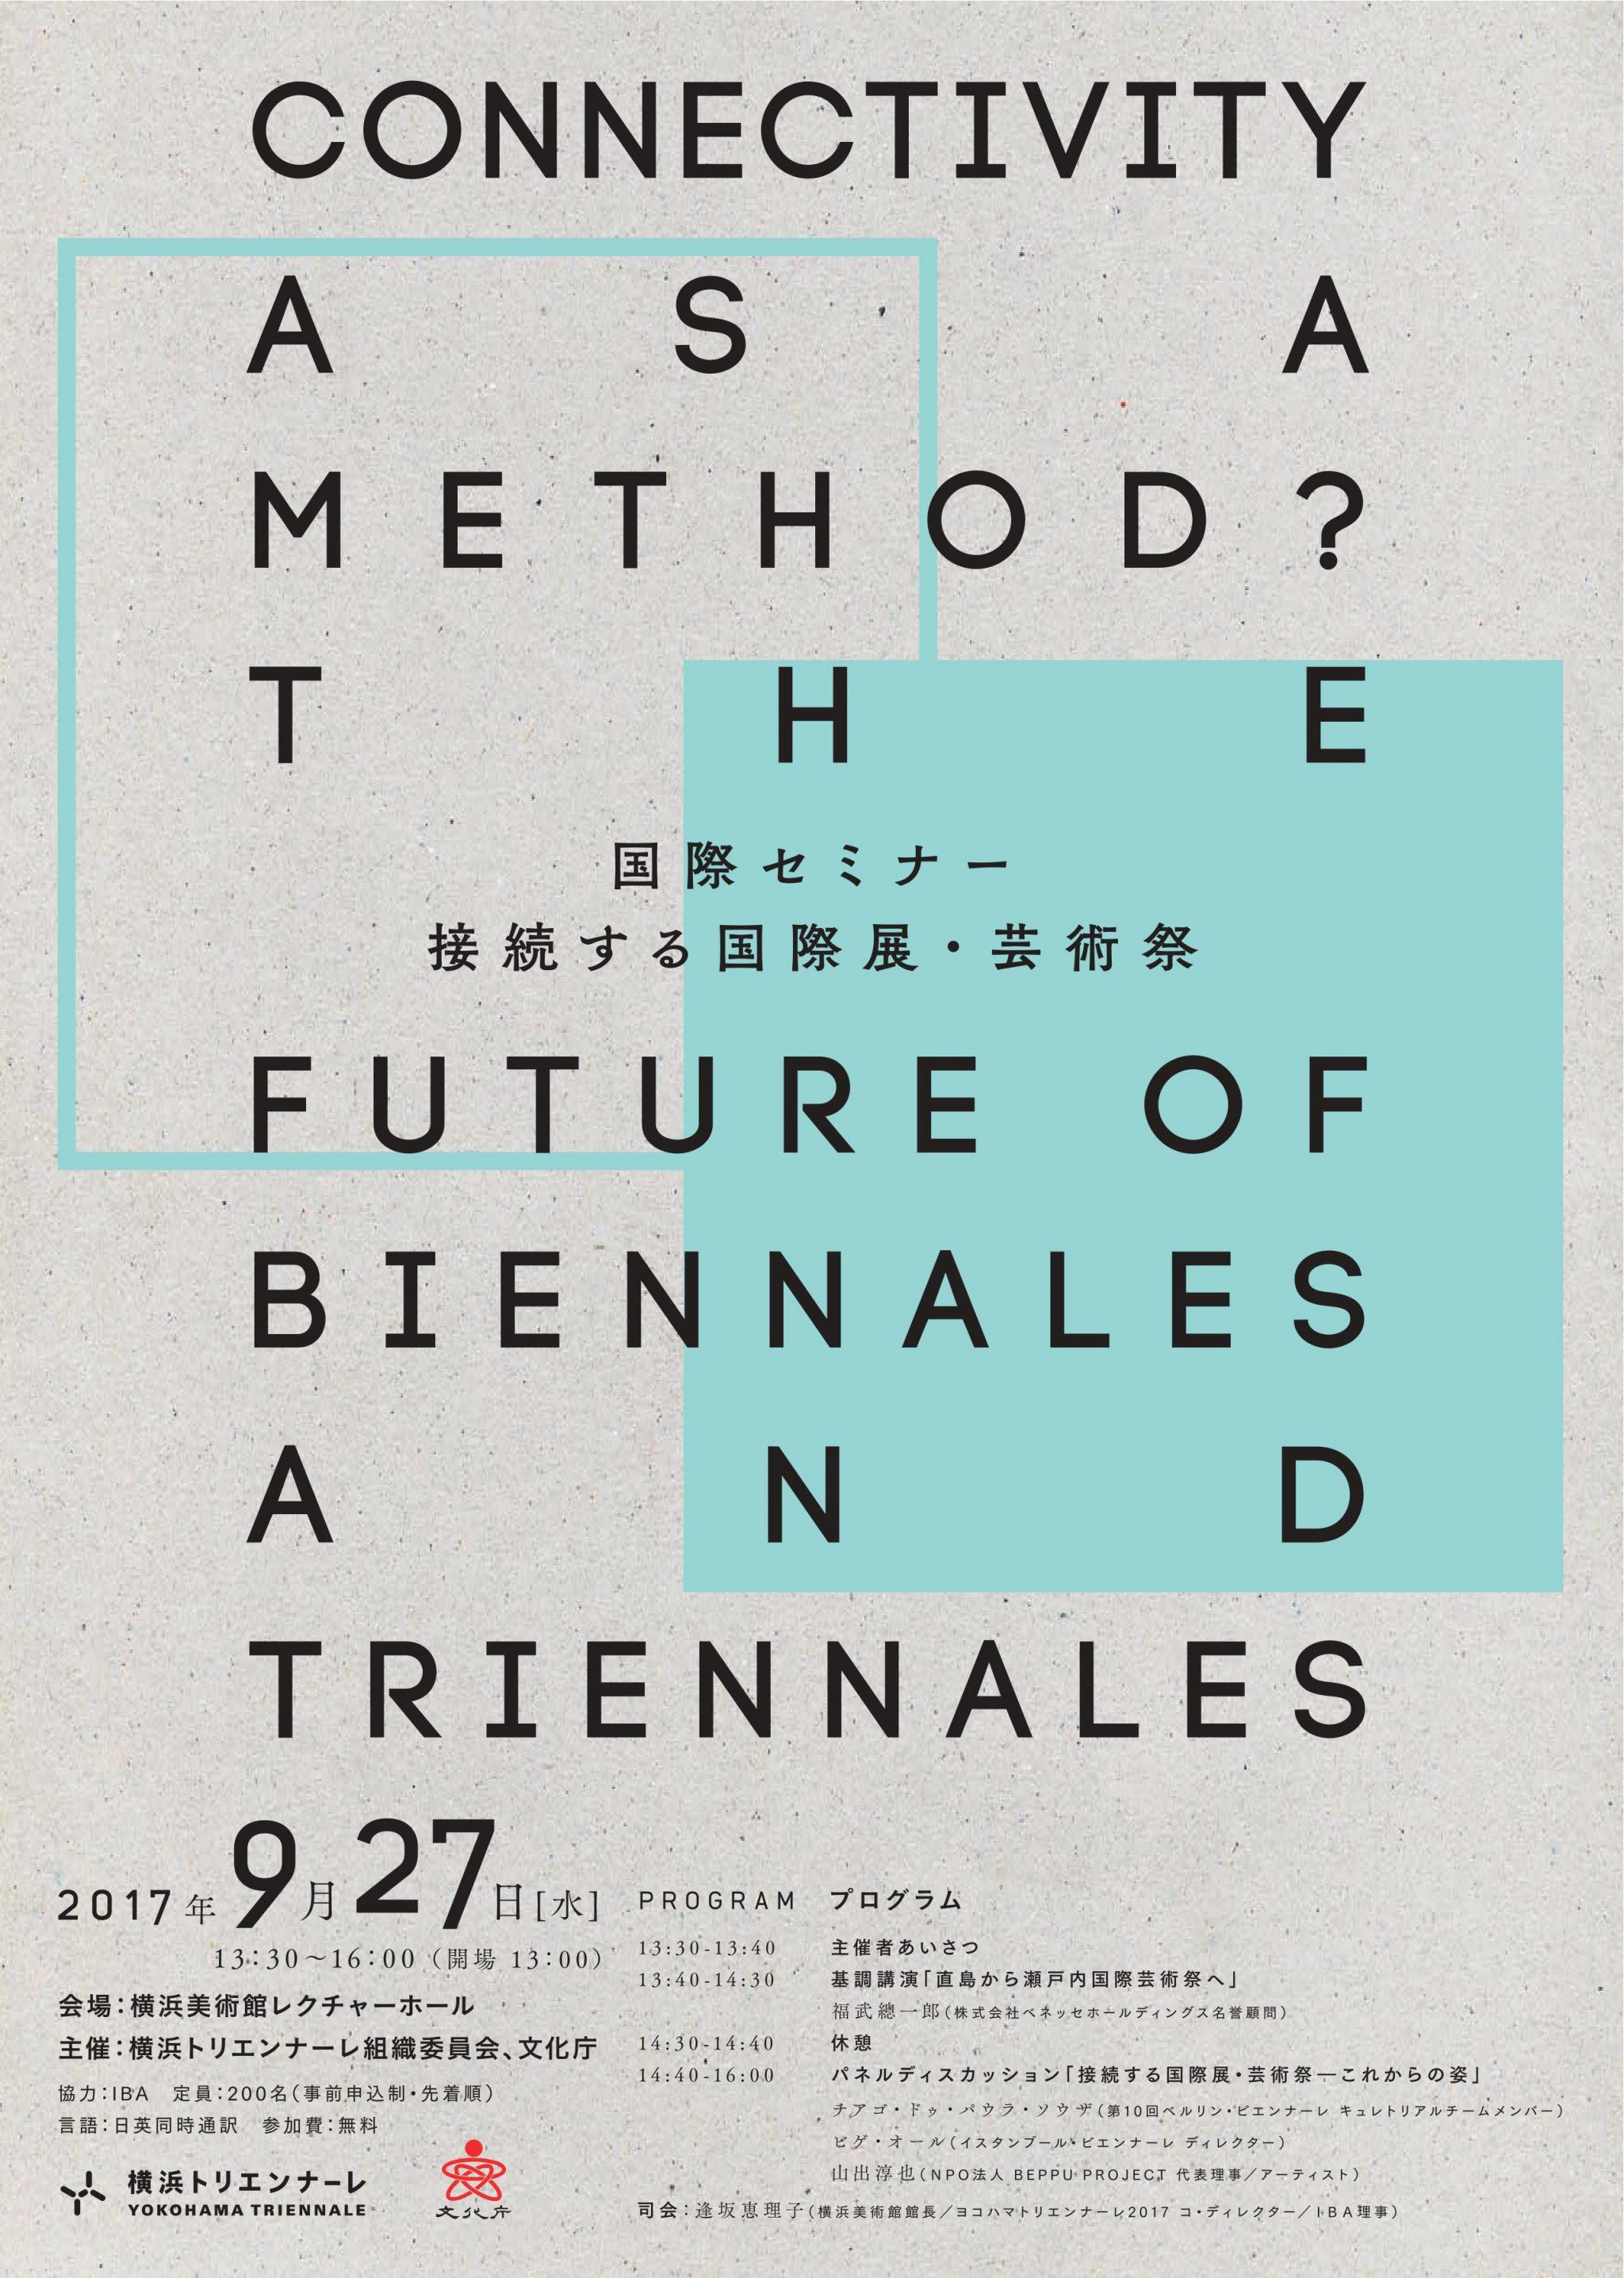 国際セミナー「接続する国際展・芸術祭(CONNECTIVITY AS A METHOD? – The Future of Biennales and Triennales)」